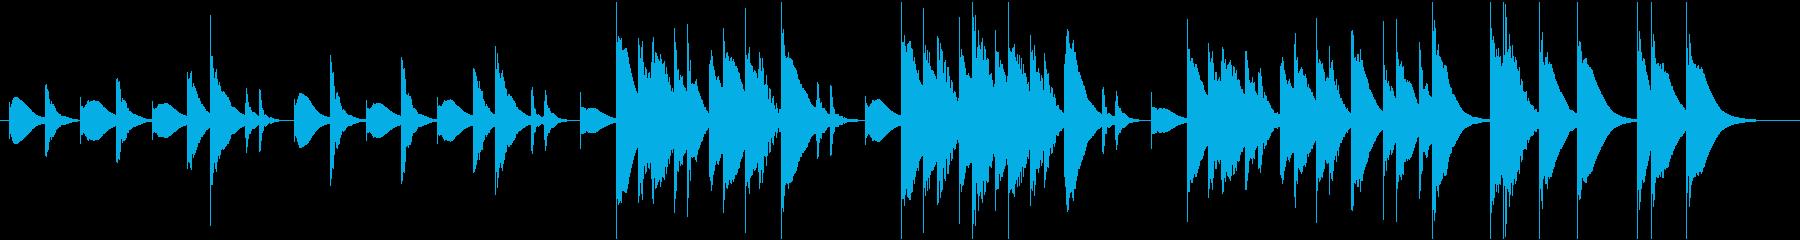 ほのぼのとしたマリンバショートVerの再生済みの波形